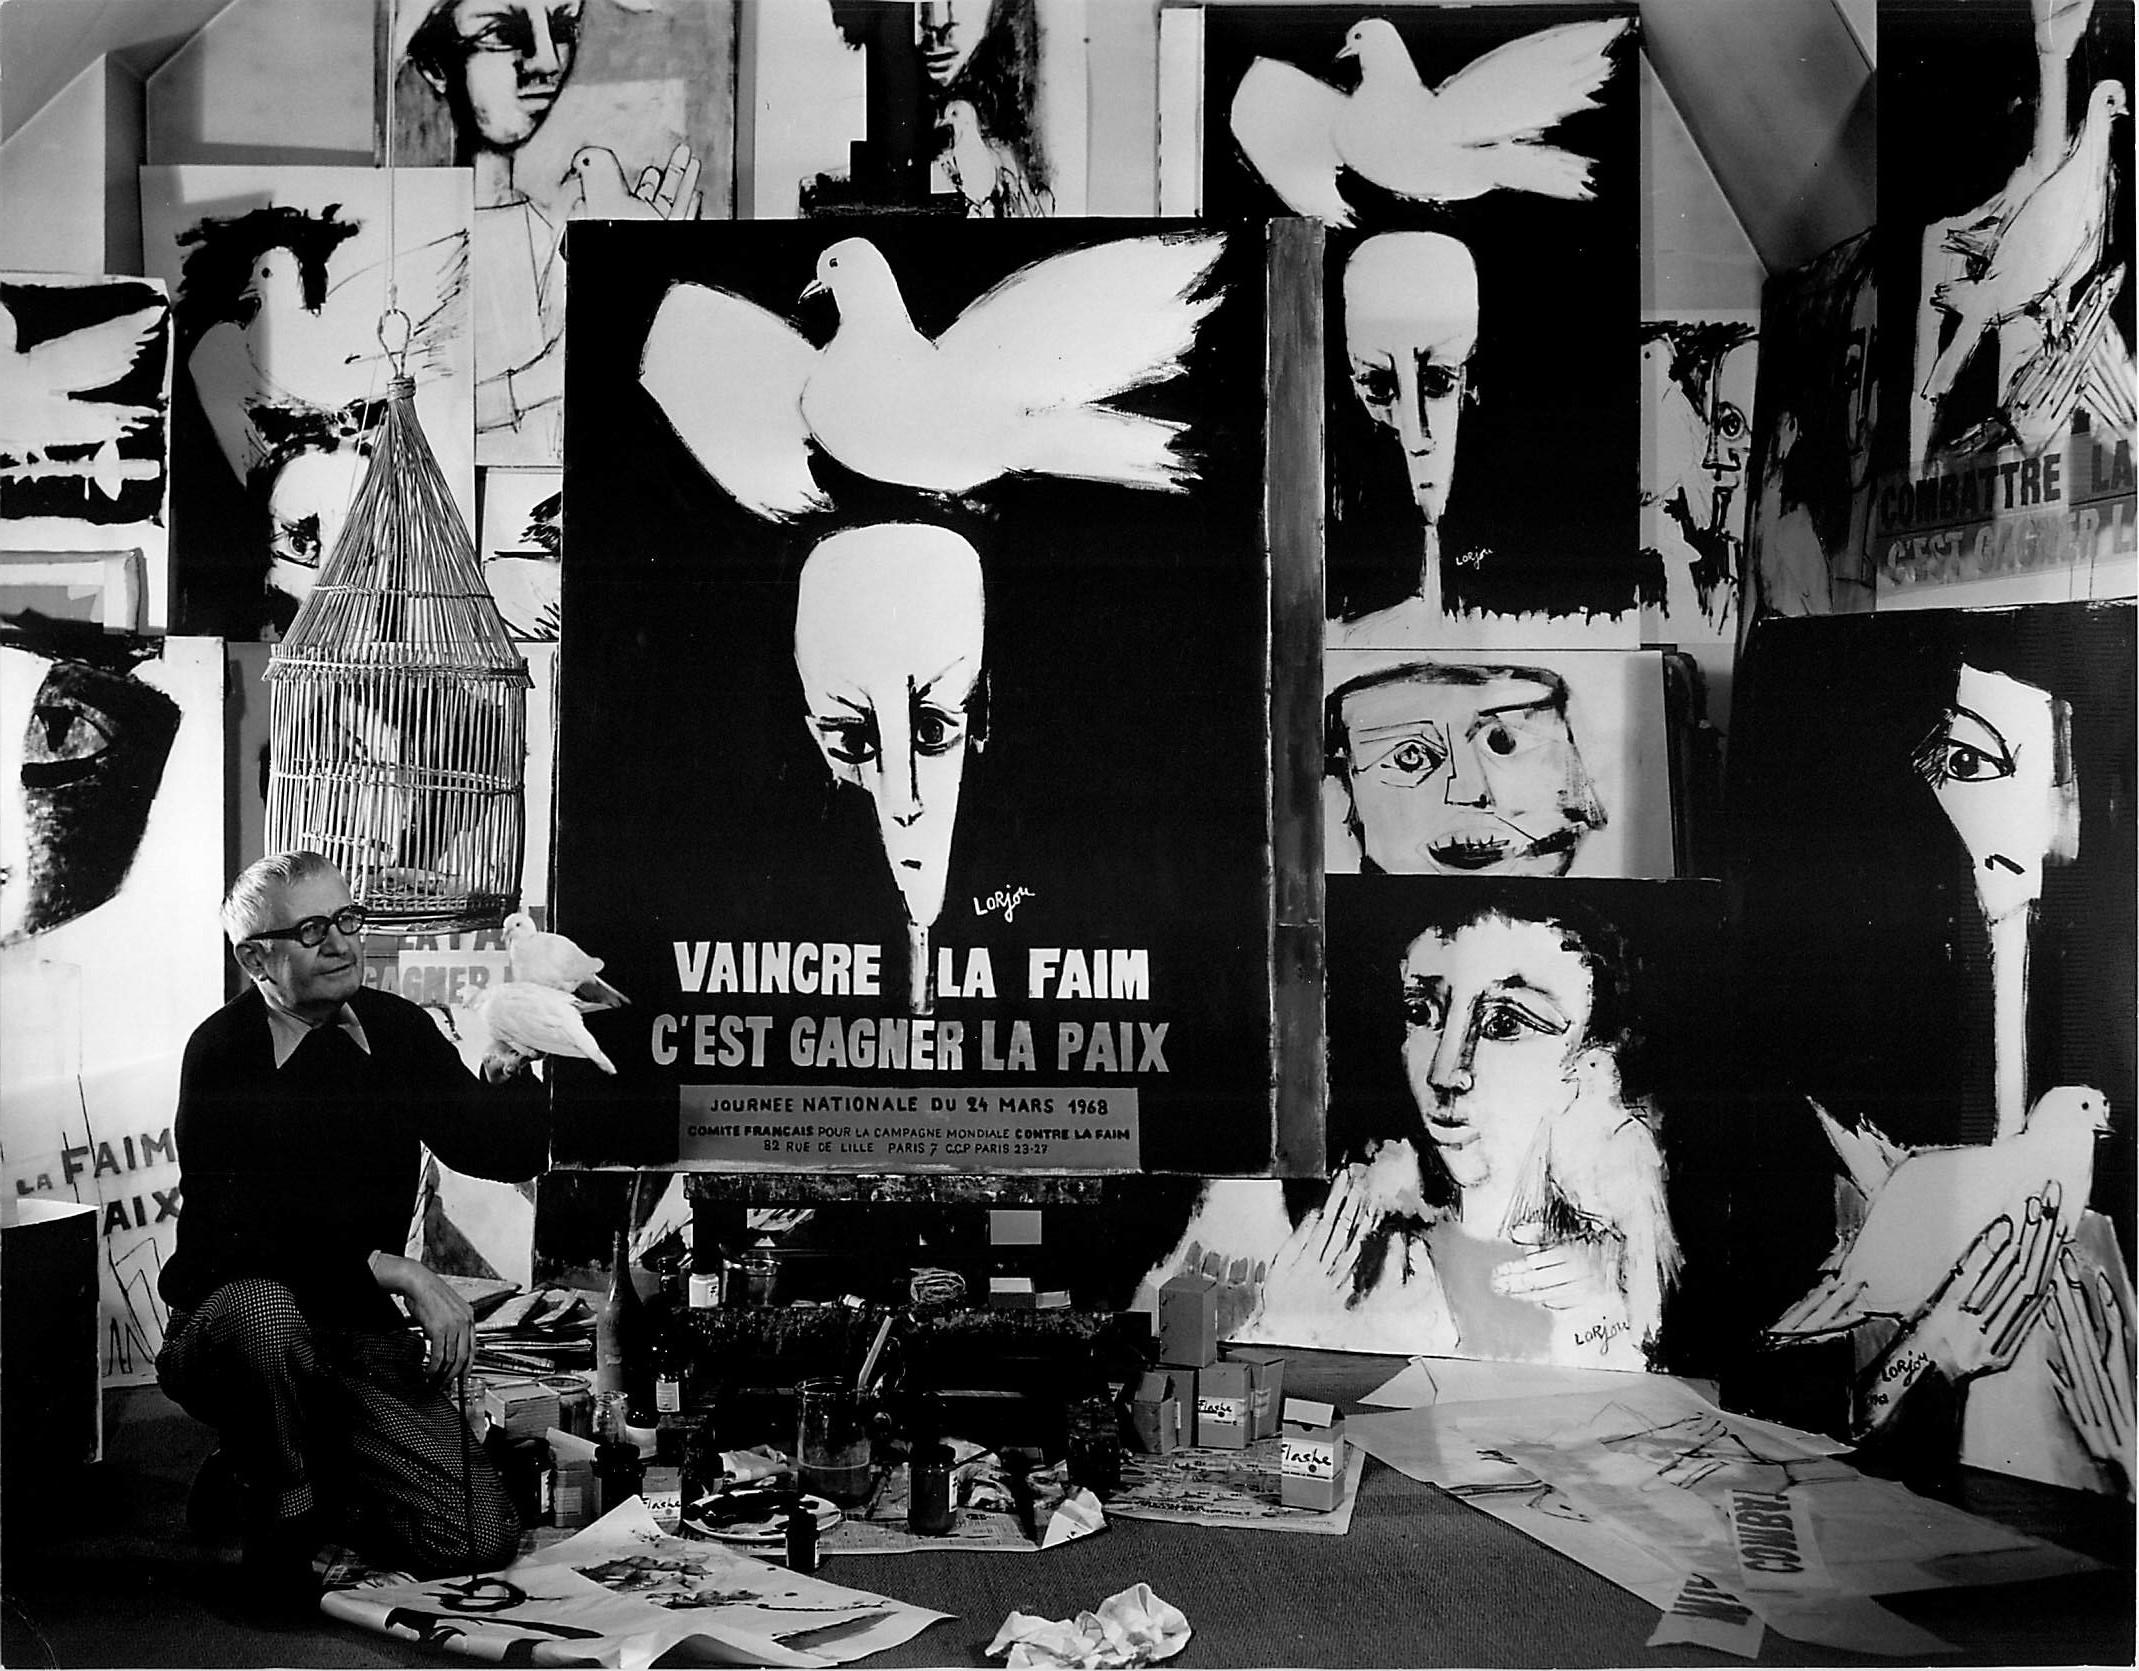 """Lorjou with his series and poster titled """"Combattre la faim c'est gagner la paix."""" (1968)"""